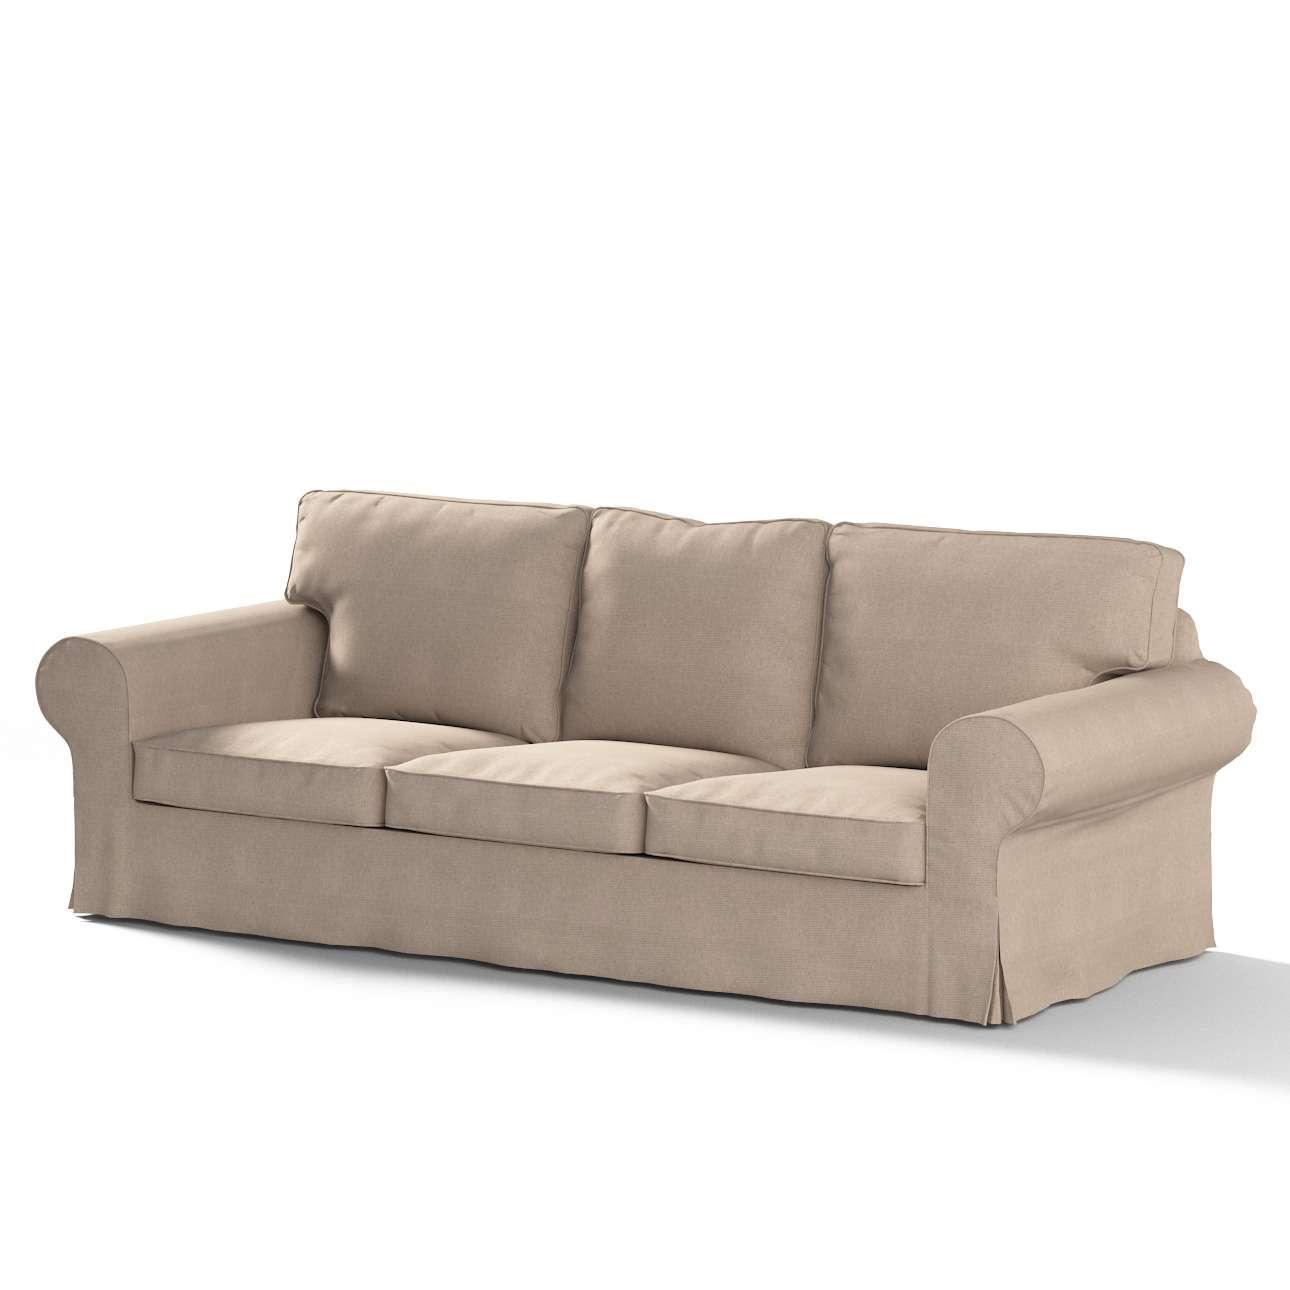 Ektorp trivietės sofos-lovos užvalkalas Ektorp trivietė sofa-lova kolekcijoje Etna , audinys: 705-09